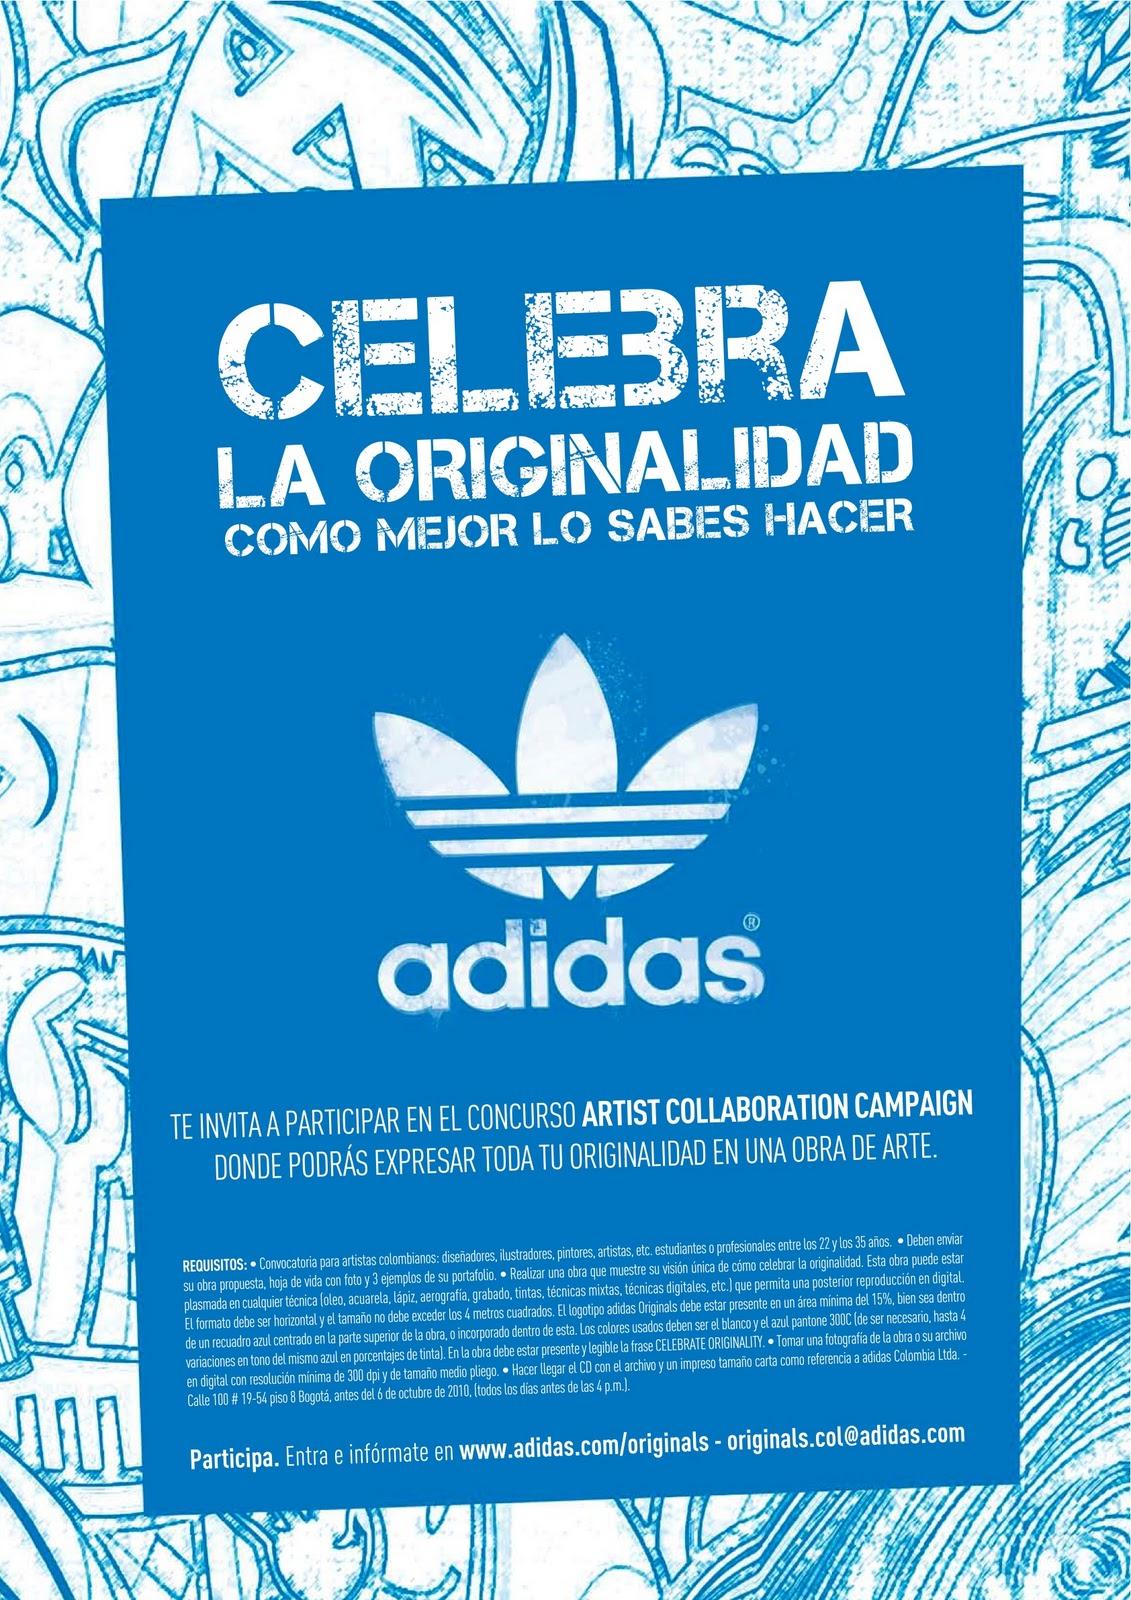 http://3.bp.blogspot.com/_Agz5o8tDDsg/TKS0IcAcbPI/AAAAAAAAAIk/vH0Kb0UDLbA/s1600/poster+A3+artist+collaboration.jpg